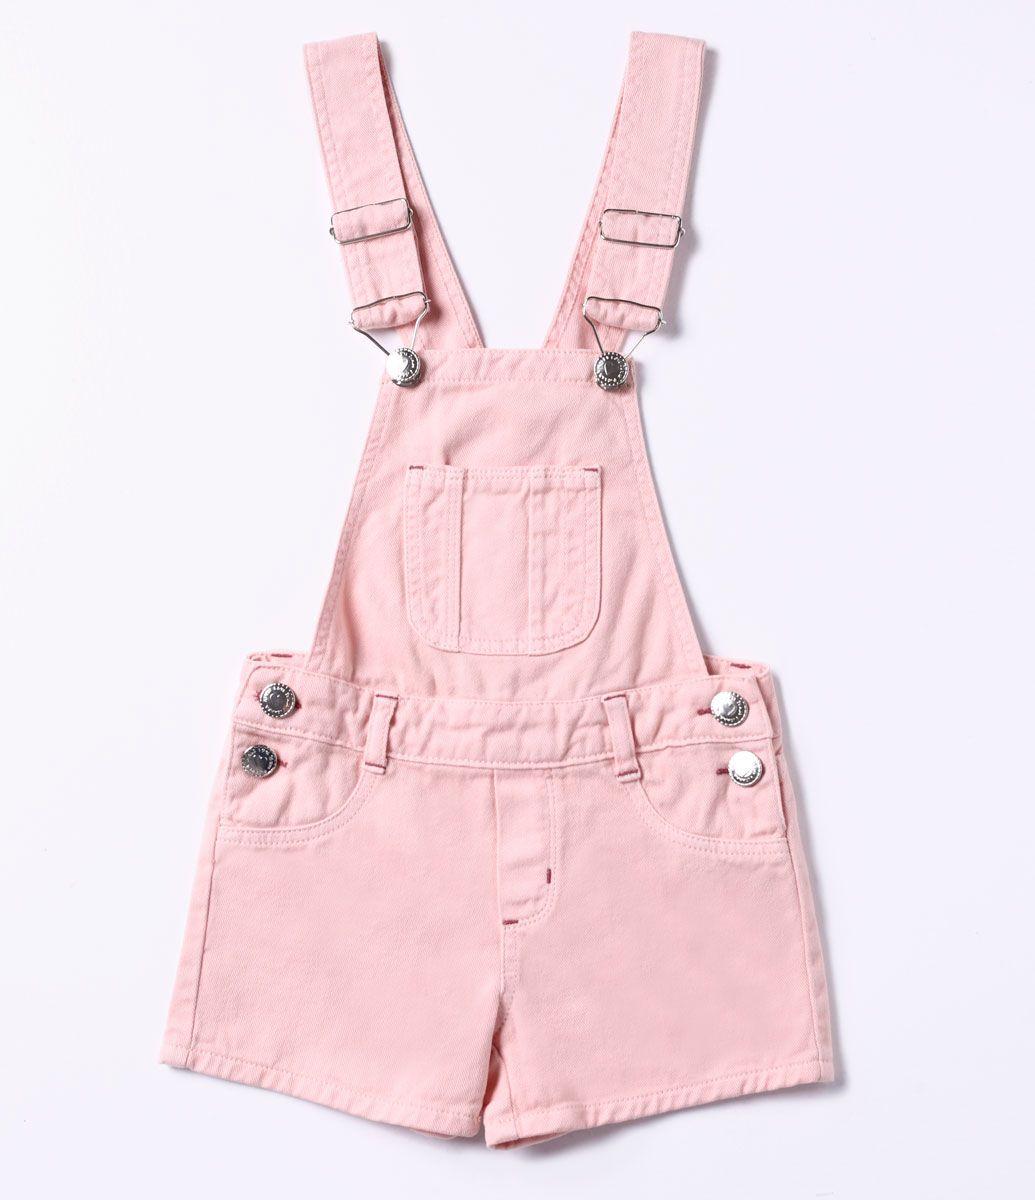 Jardineira infantil marca fuzarka tecido sarja veja for Jardineira jeans infantil c a